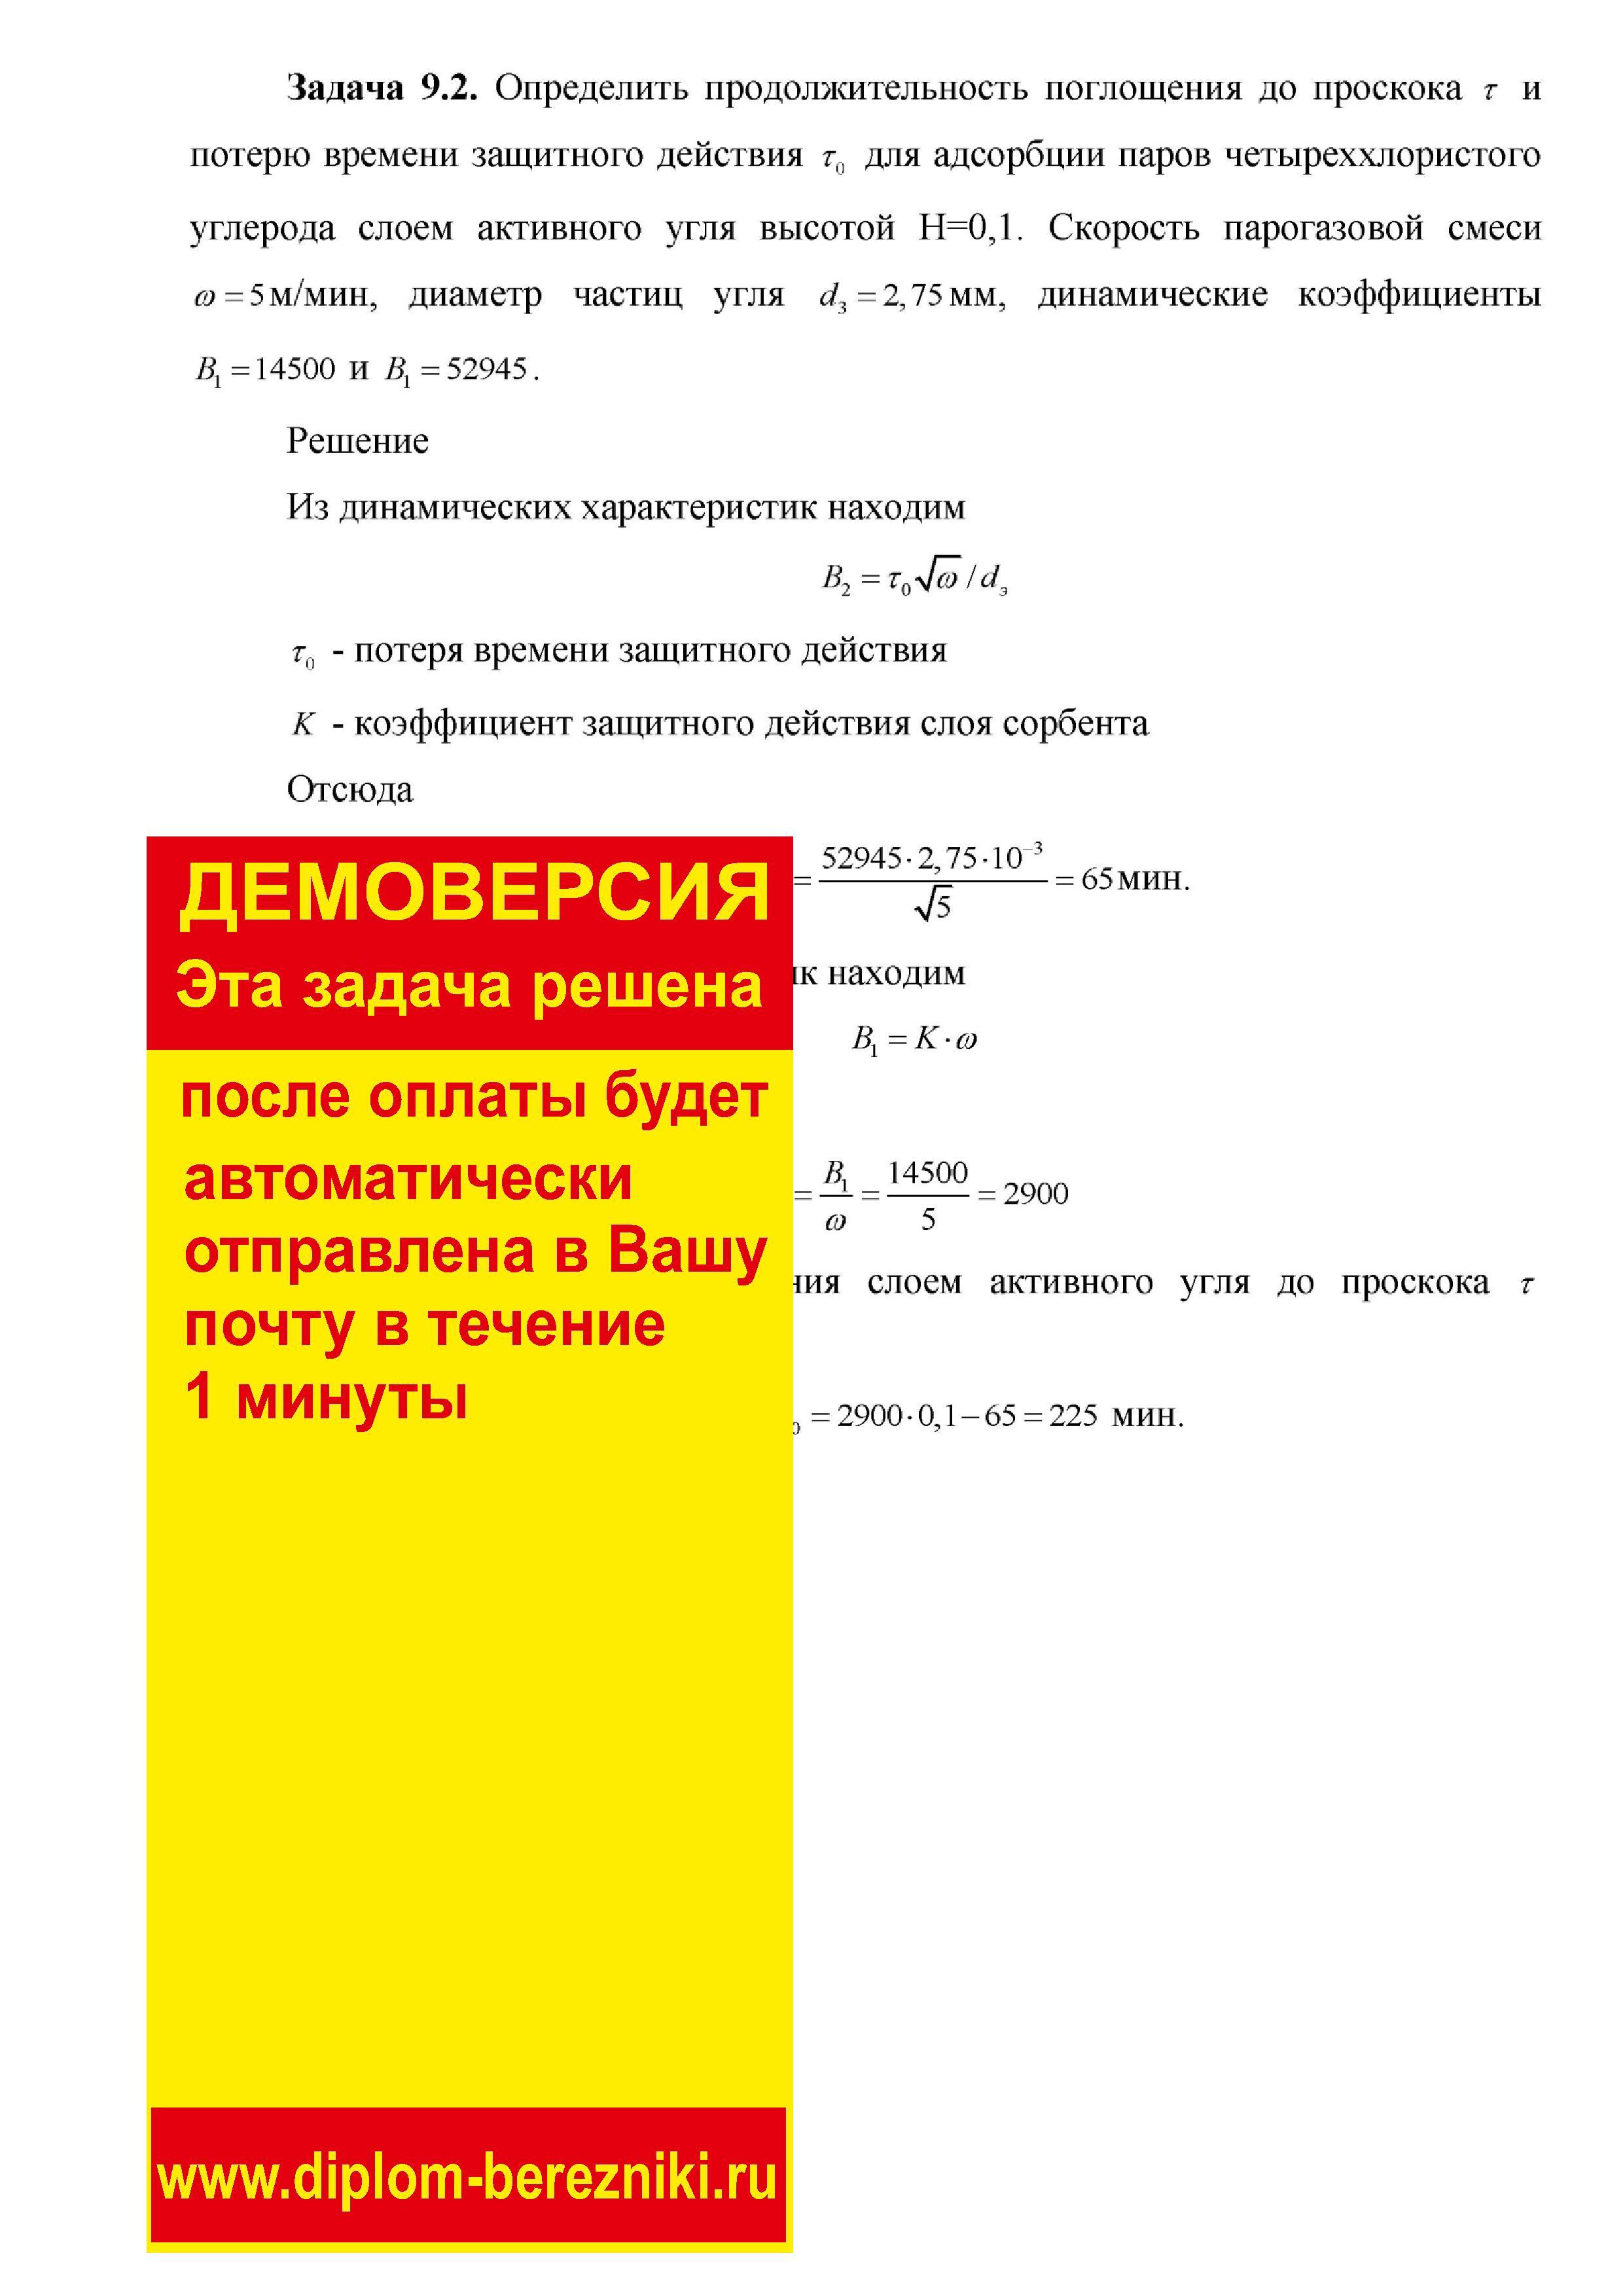 Решение задачи 9.2 по ПАХТ из задачника Павлова Романкова Носкова